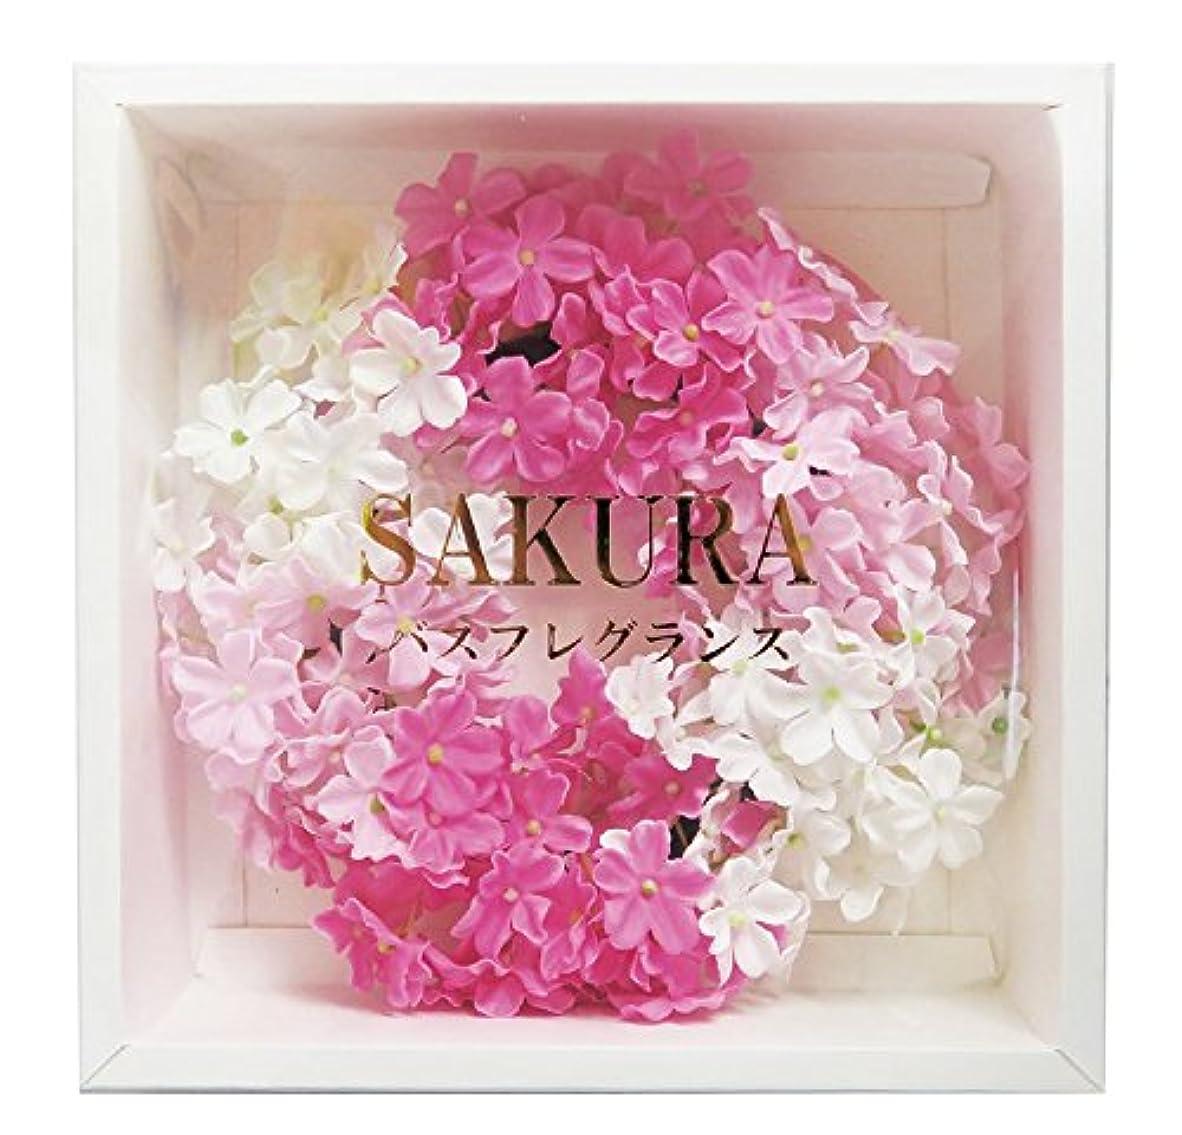 声を出してアクティブ身元花のカタチの入浴料! バスフレグランス SAKURA サクラ リース